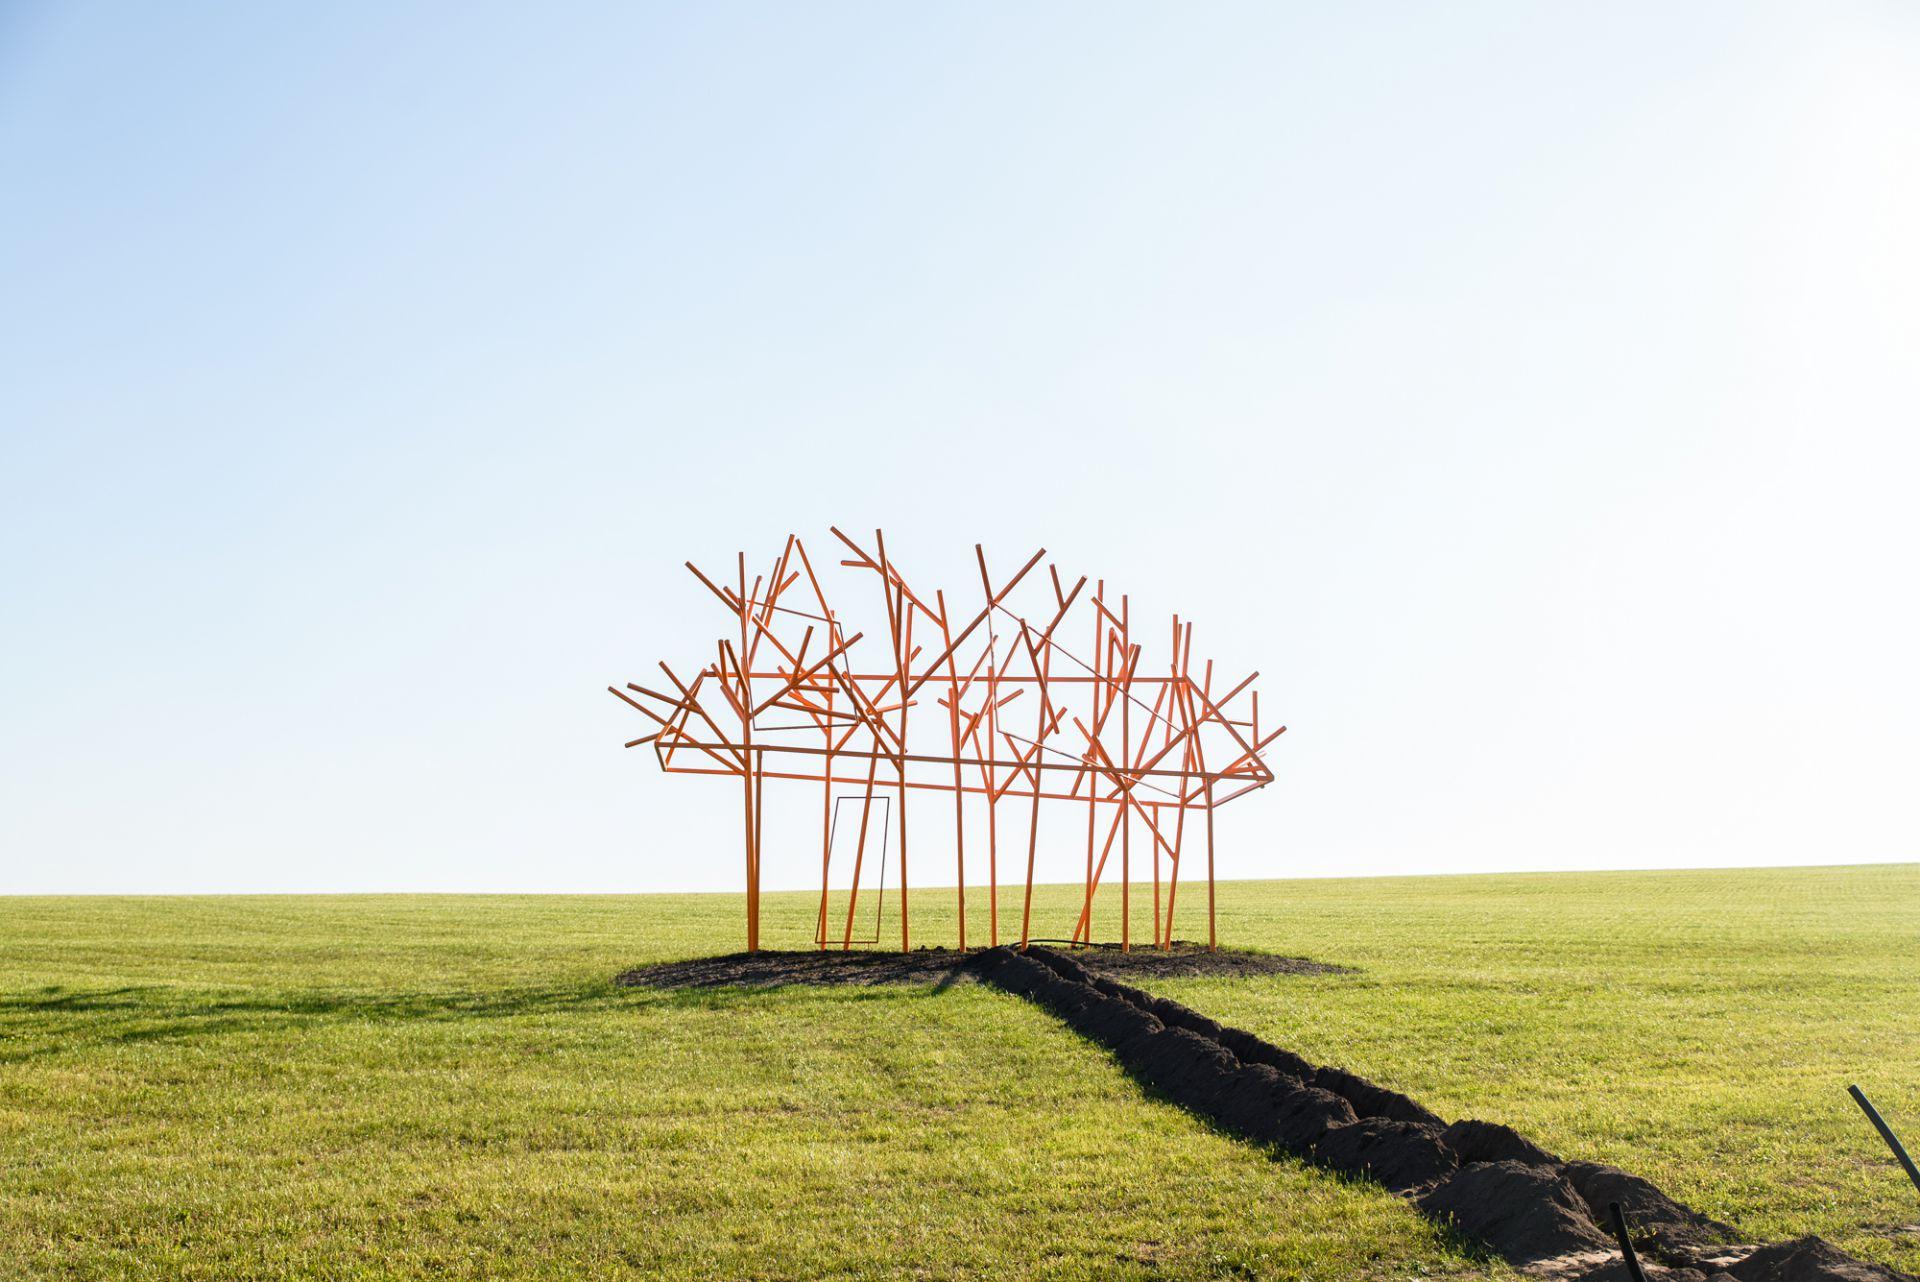 «Дерево жизни». Автор — Антон Логов.